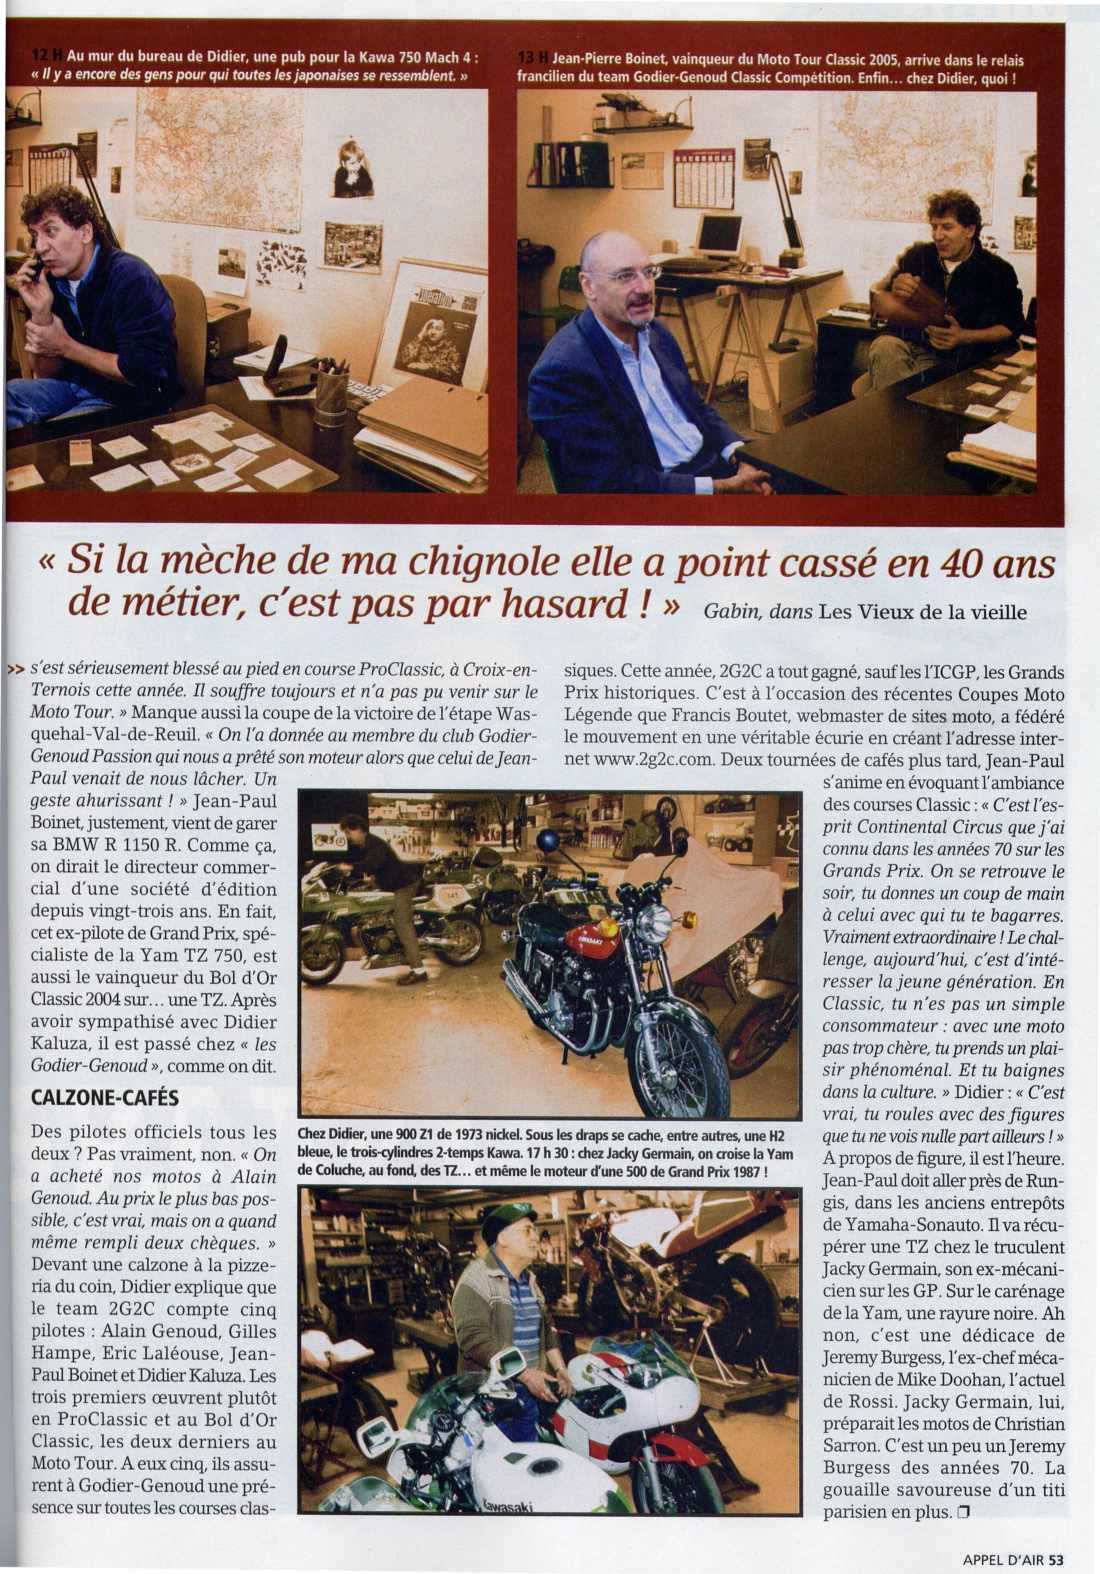 Goider Genoud Moto Journal n°1692 dec 2005 01